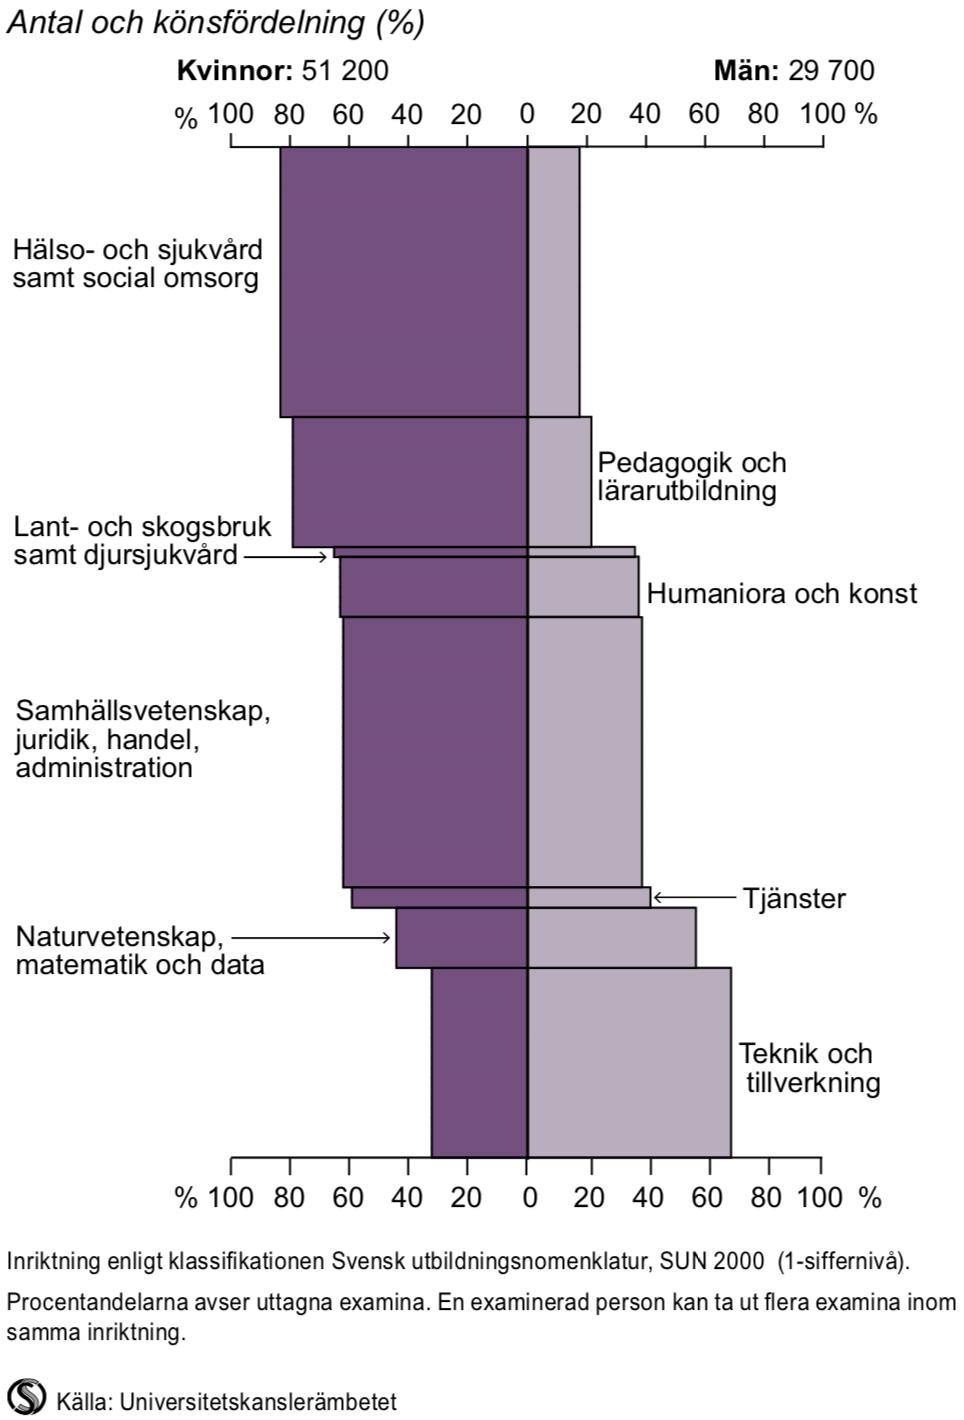 Examina på grundnivå och avancerad nivå i högskolan efter inriktning 2014/15